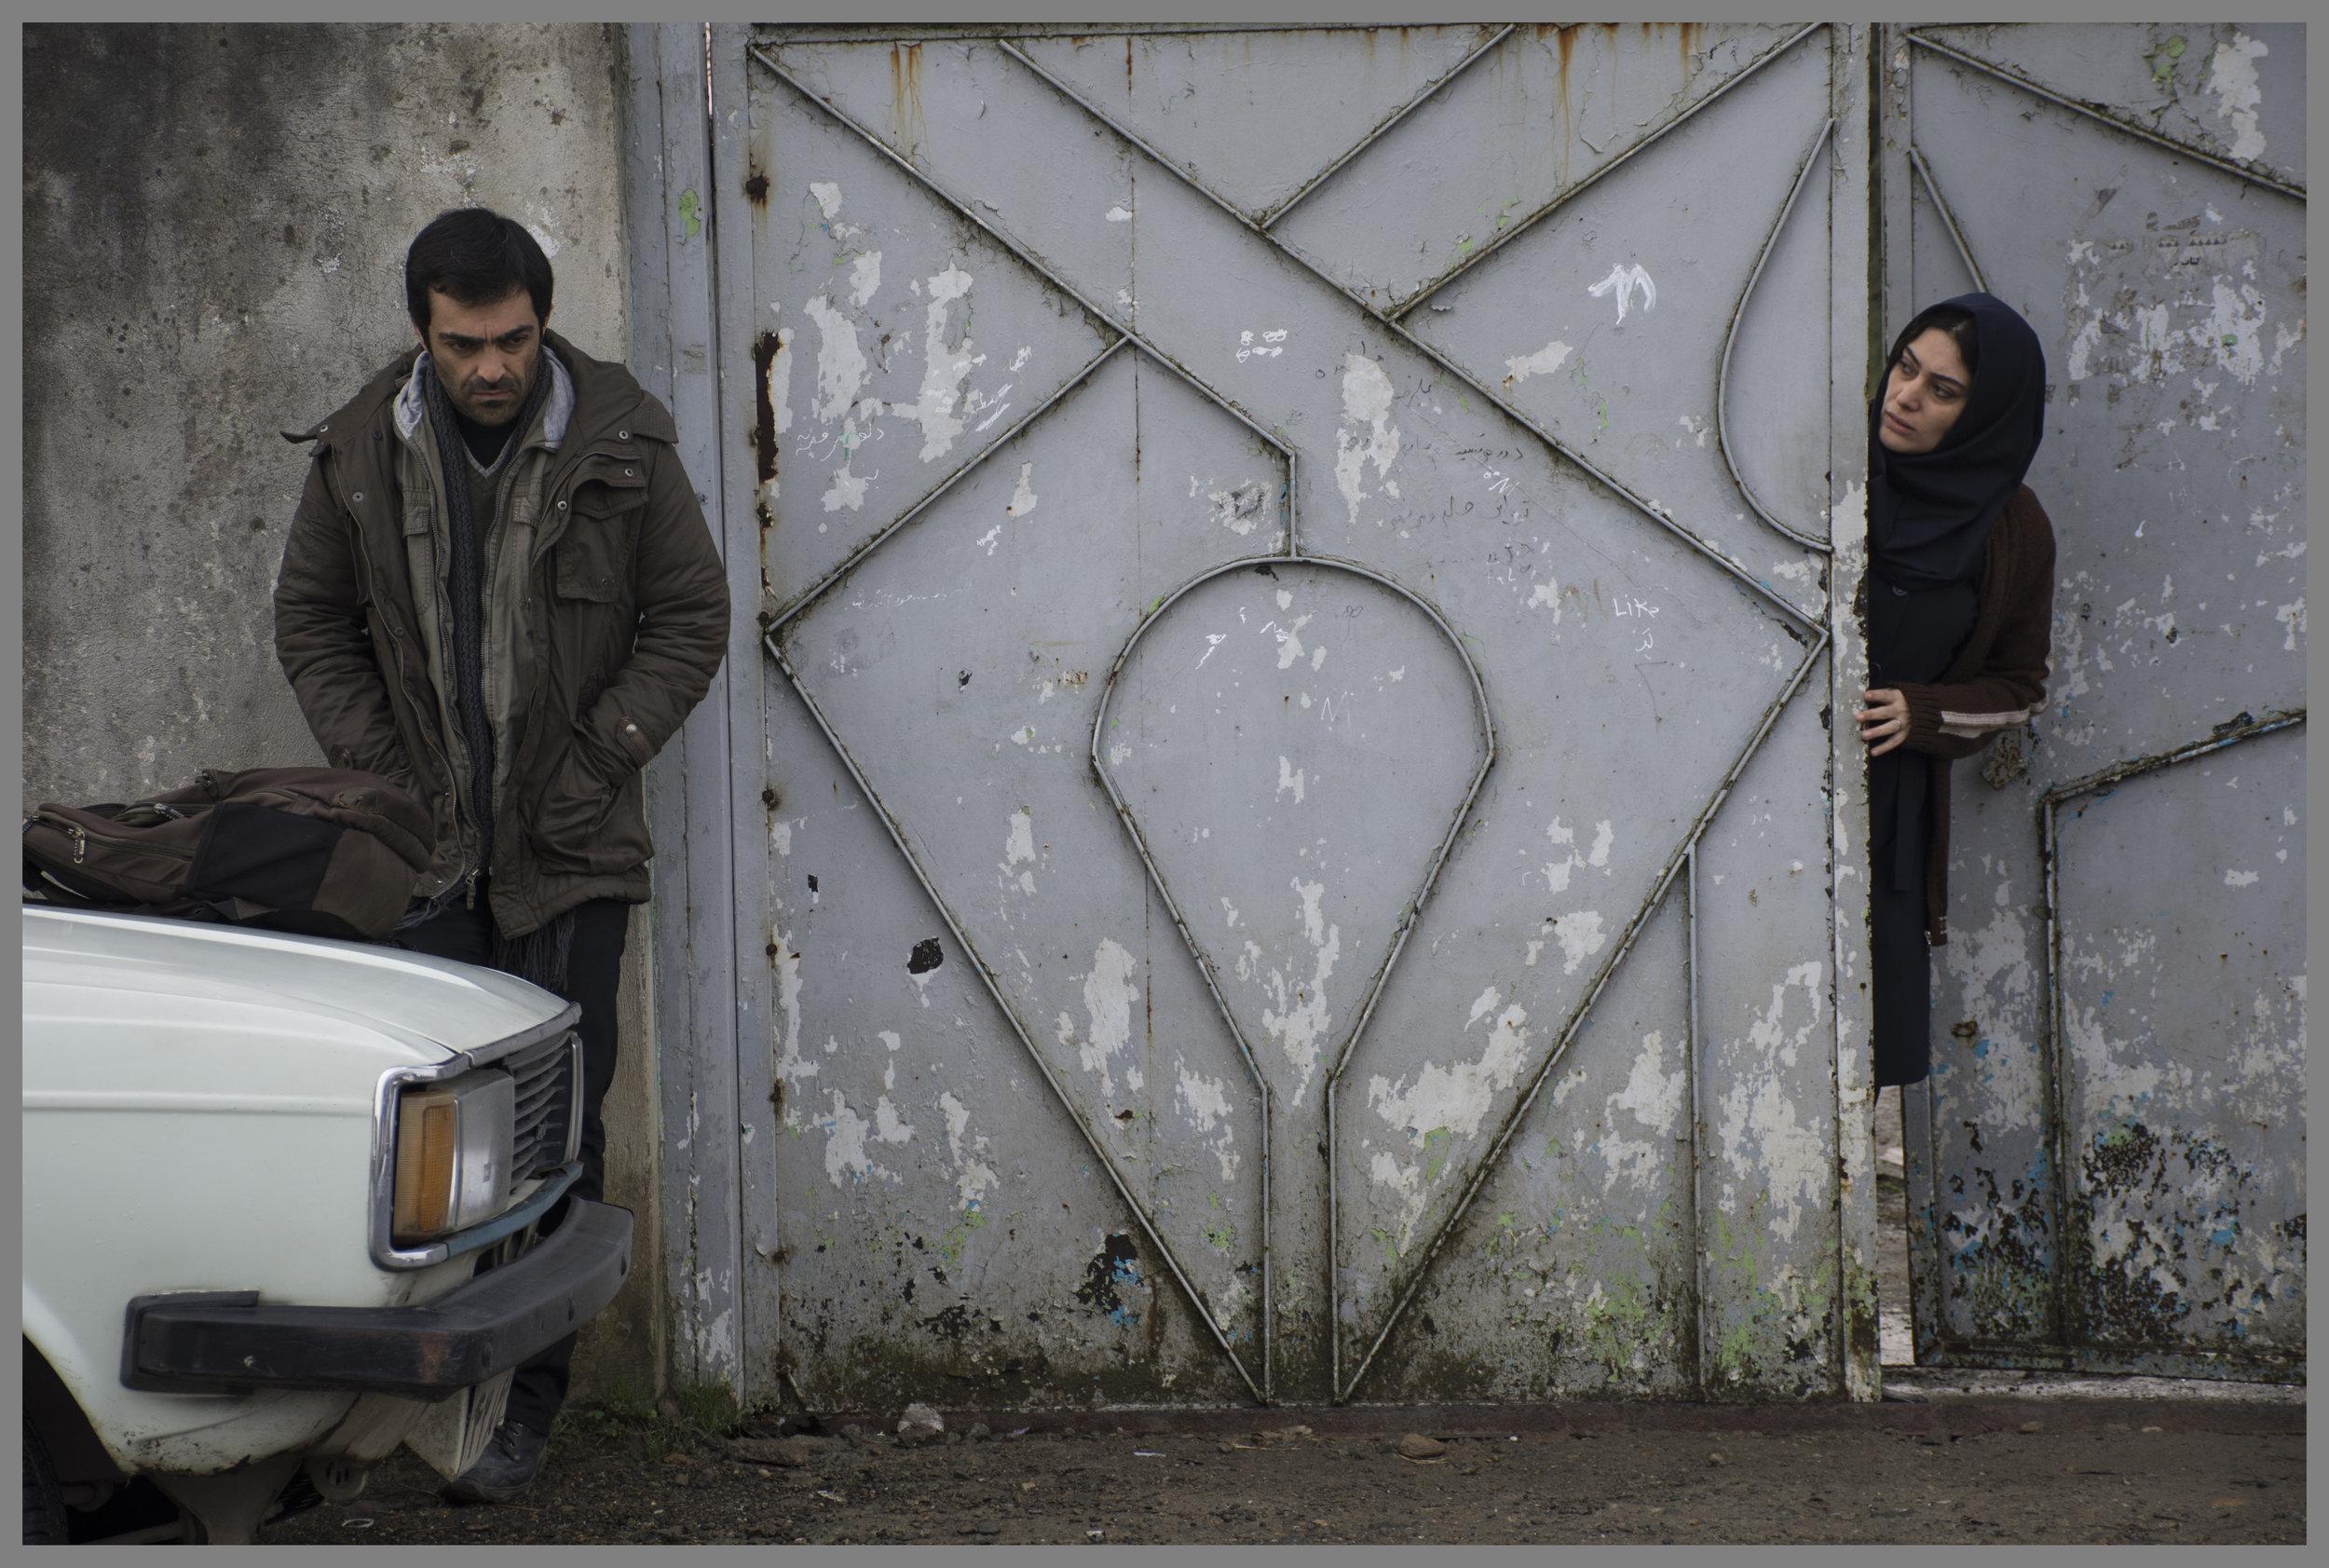 Hovedpersonen Reza (Reza Akhlaghirad) og kona Hadis (Soudabeh Beizaee) ønsker å leve hederlige liv i byen de har flyttet til. Men maktforholdene lokalt gjør det vanskelig.